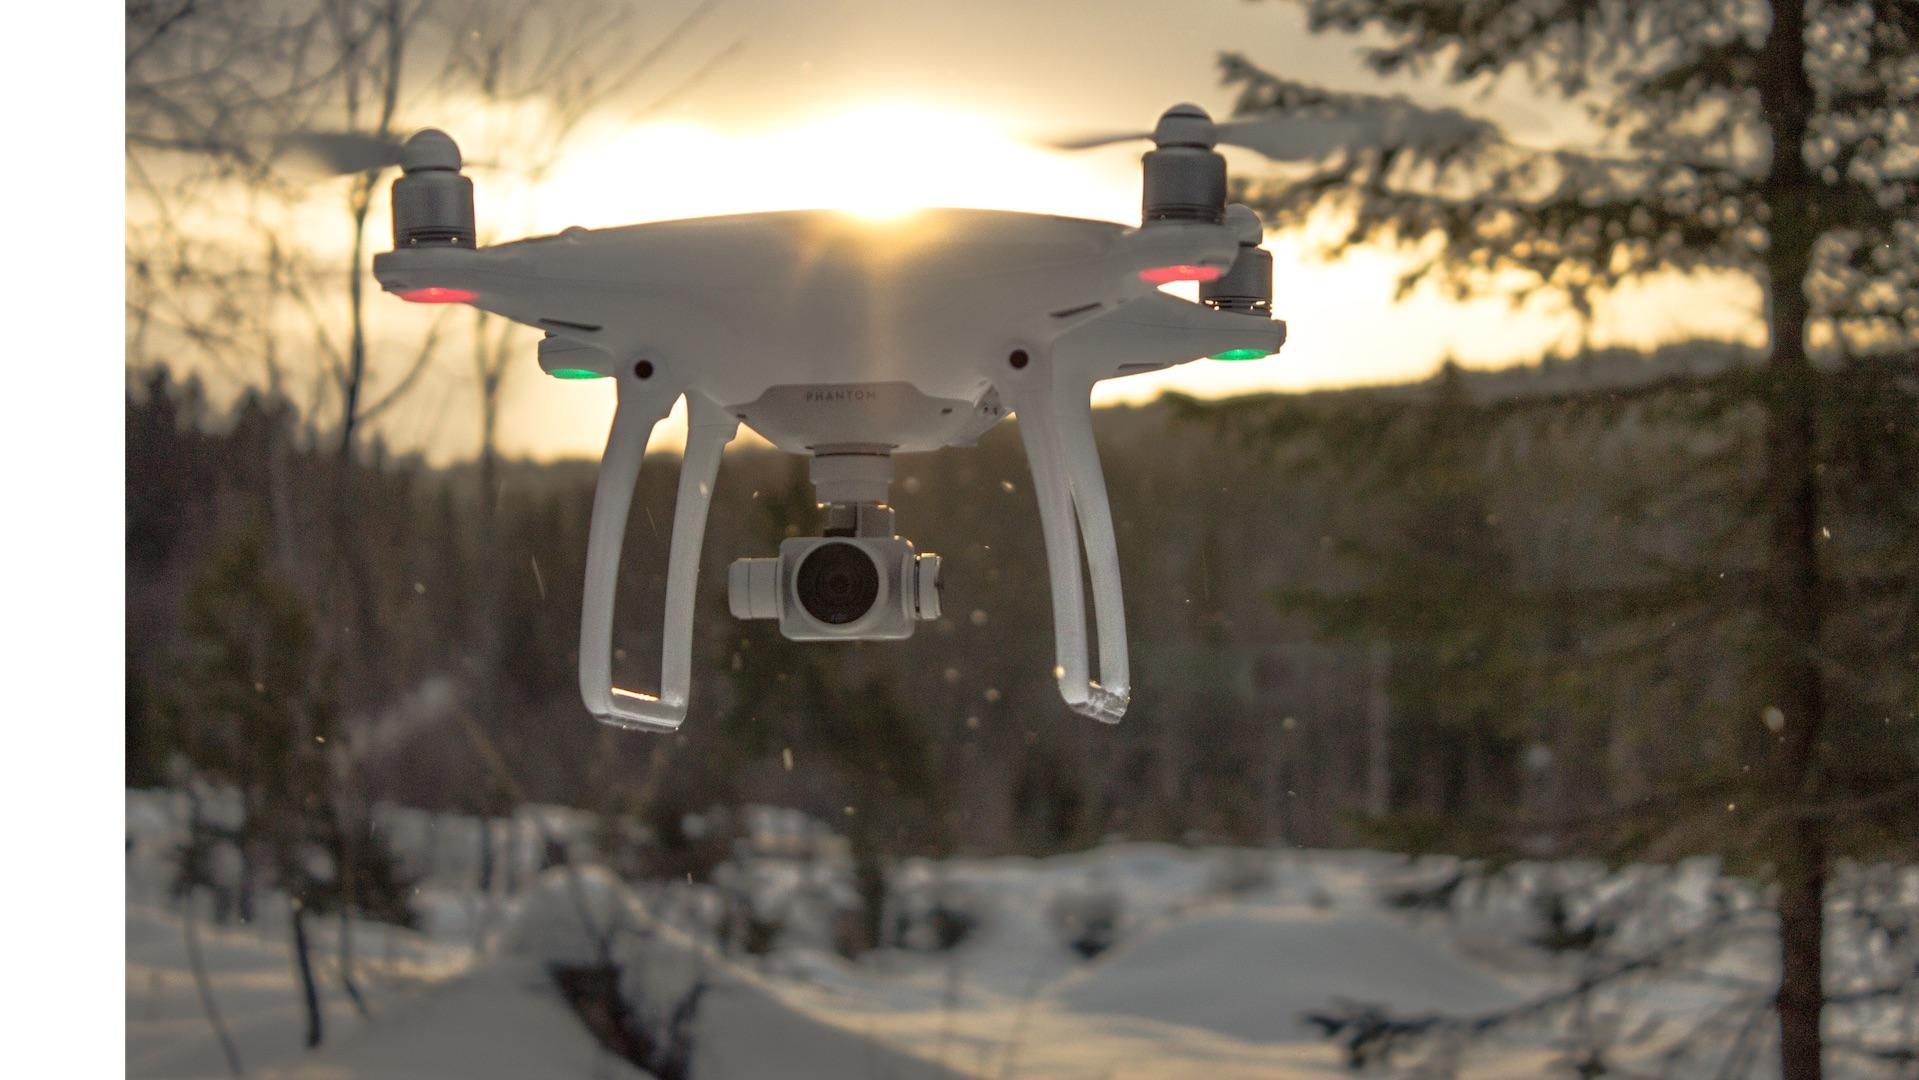 Logran divisar a excursionistas con un dron: Rescate es inminente